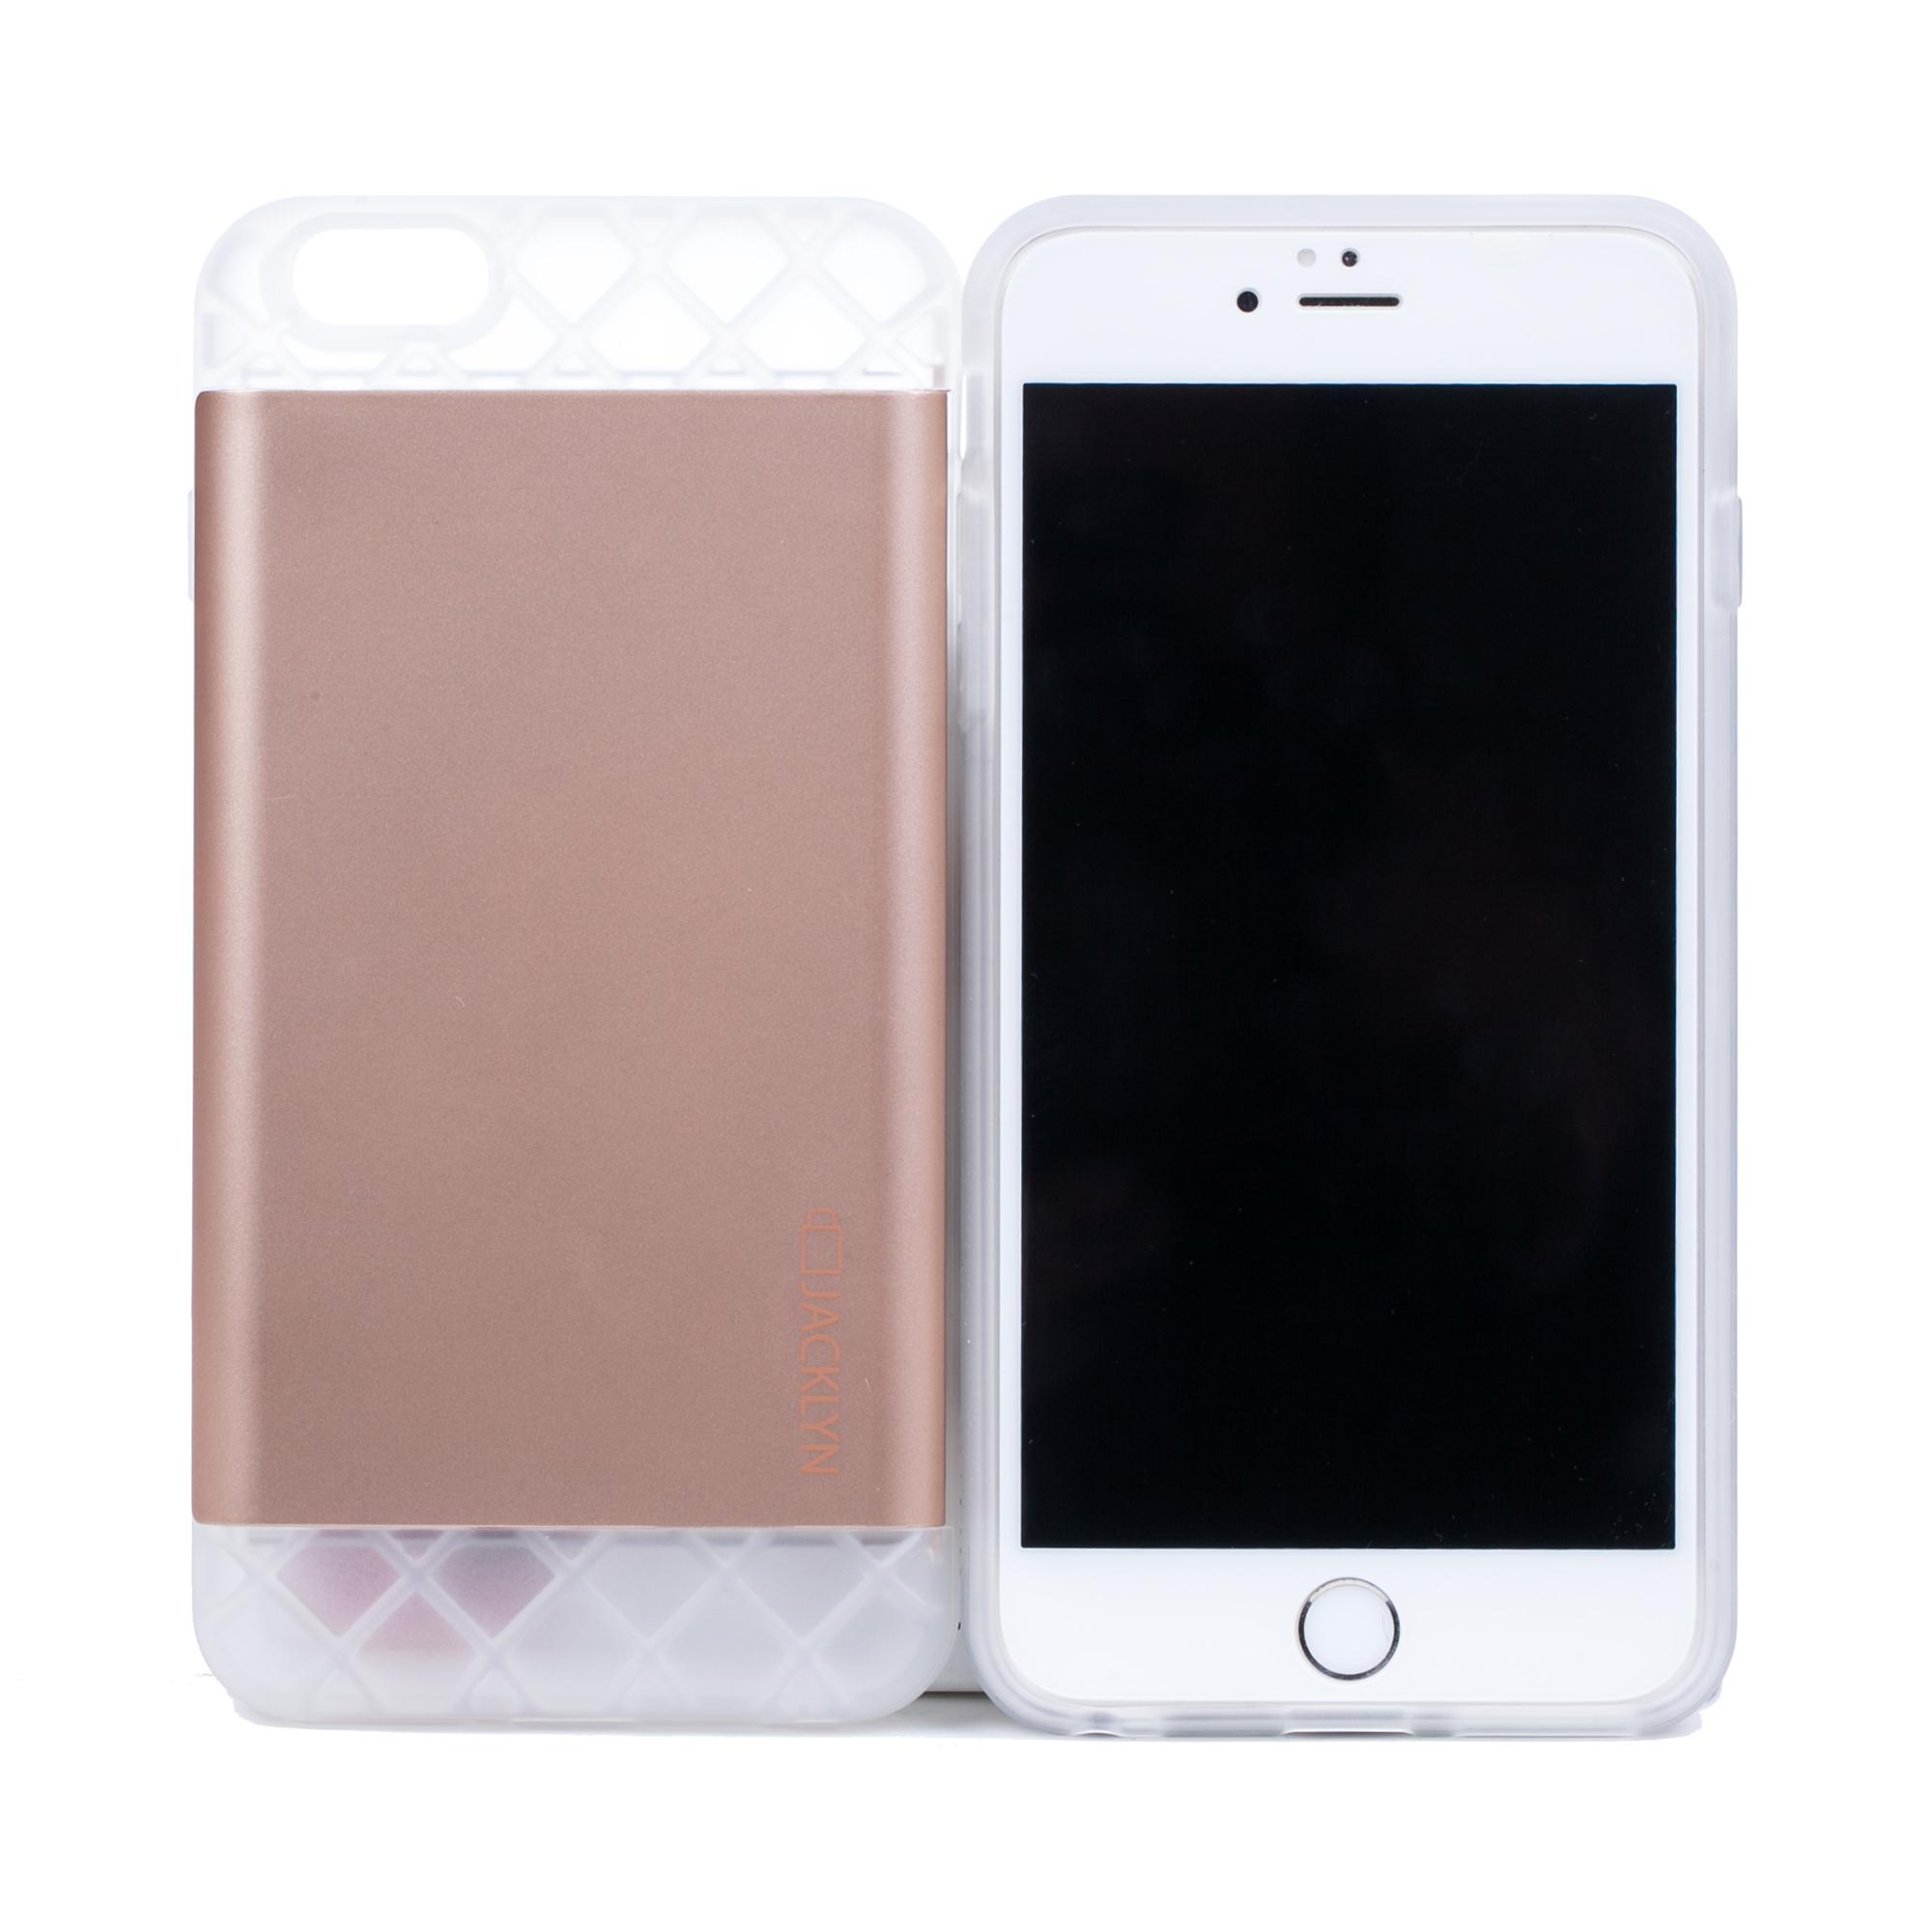 韩国原产JACKLYN苹果6plus手机壳apple手机套 防水耐高温 哑光金色